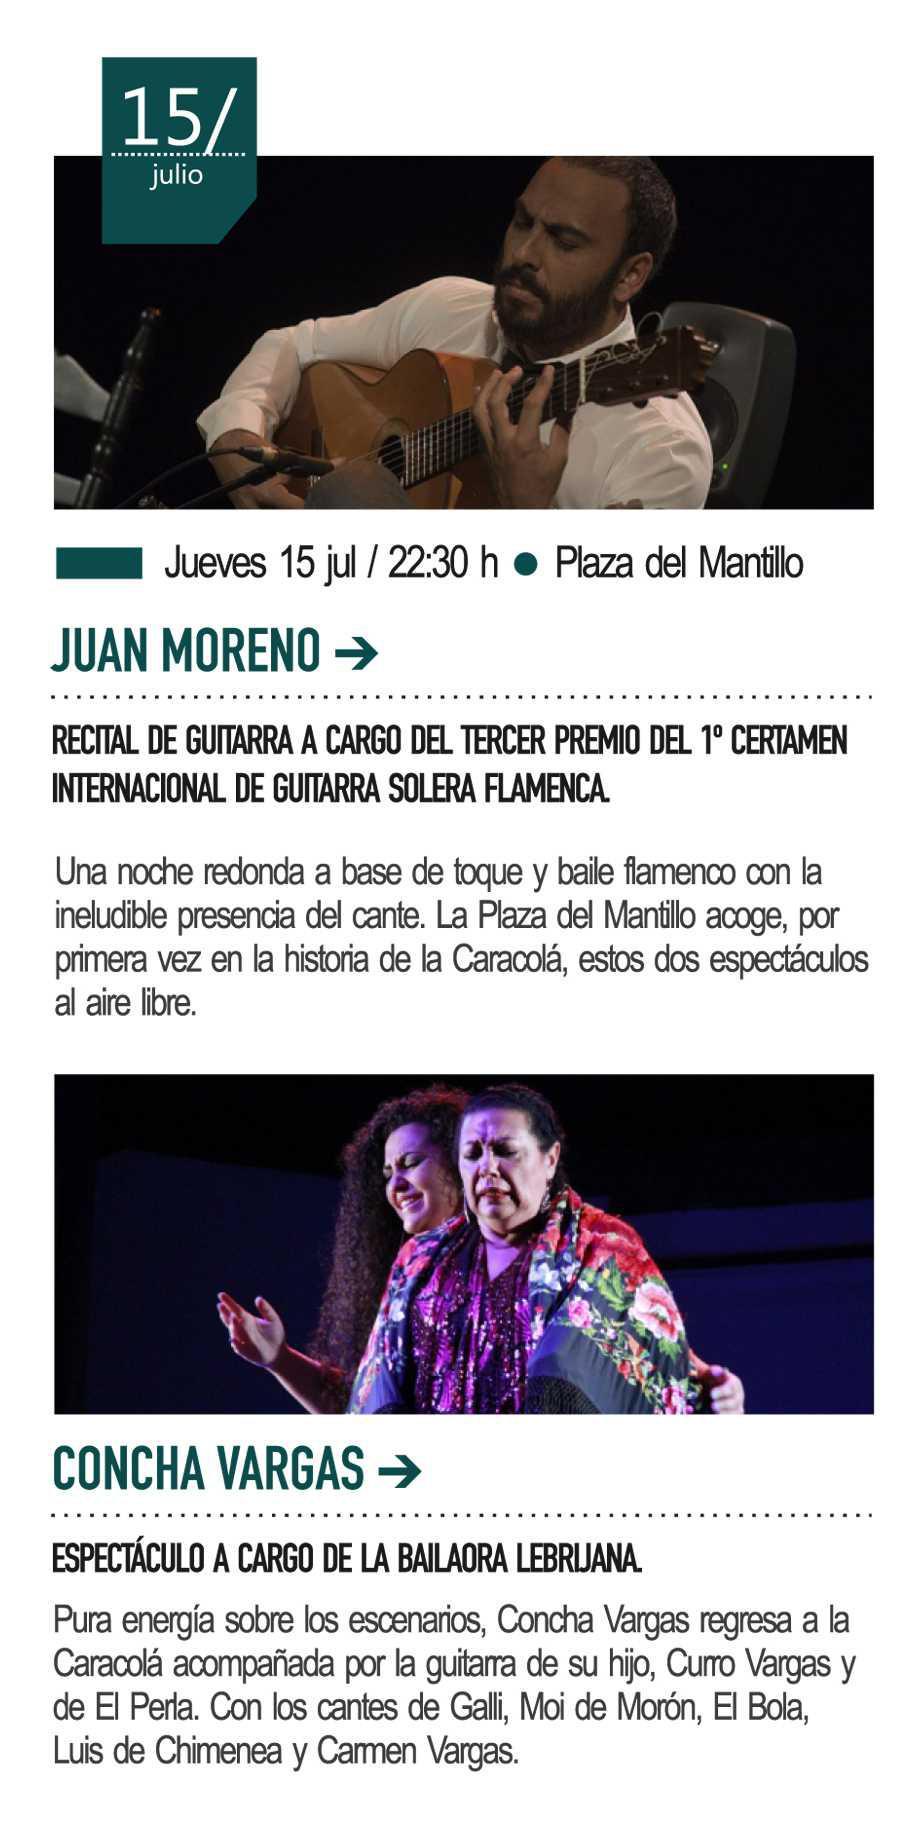 15 de julio - Espectáculo de Concha Vargas